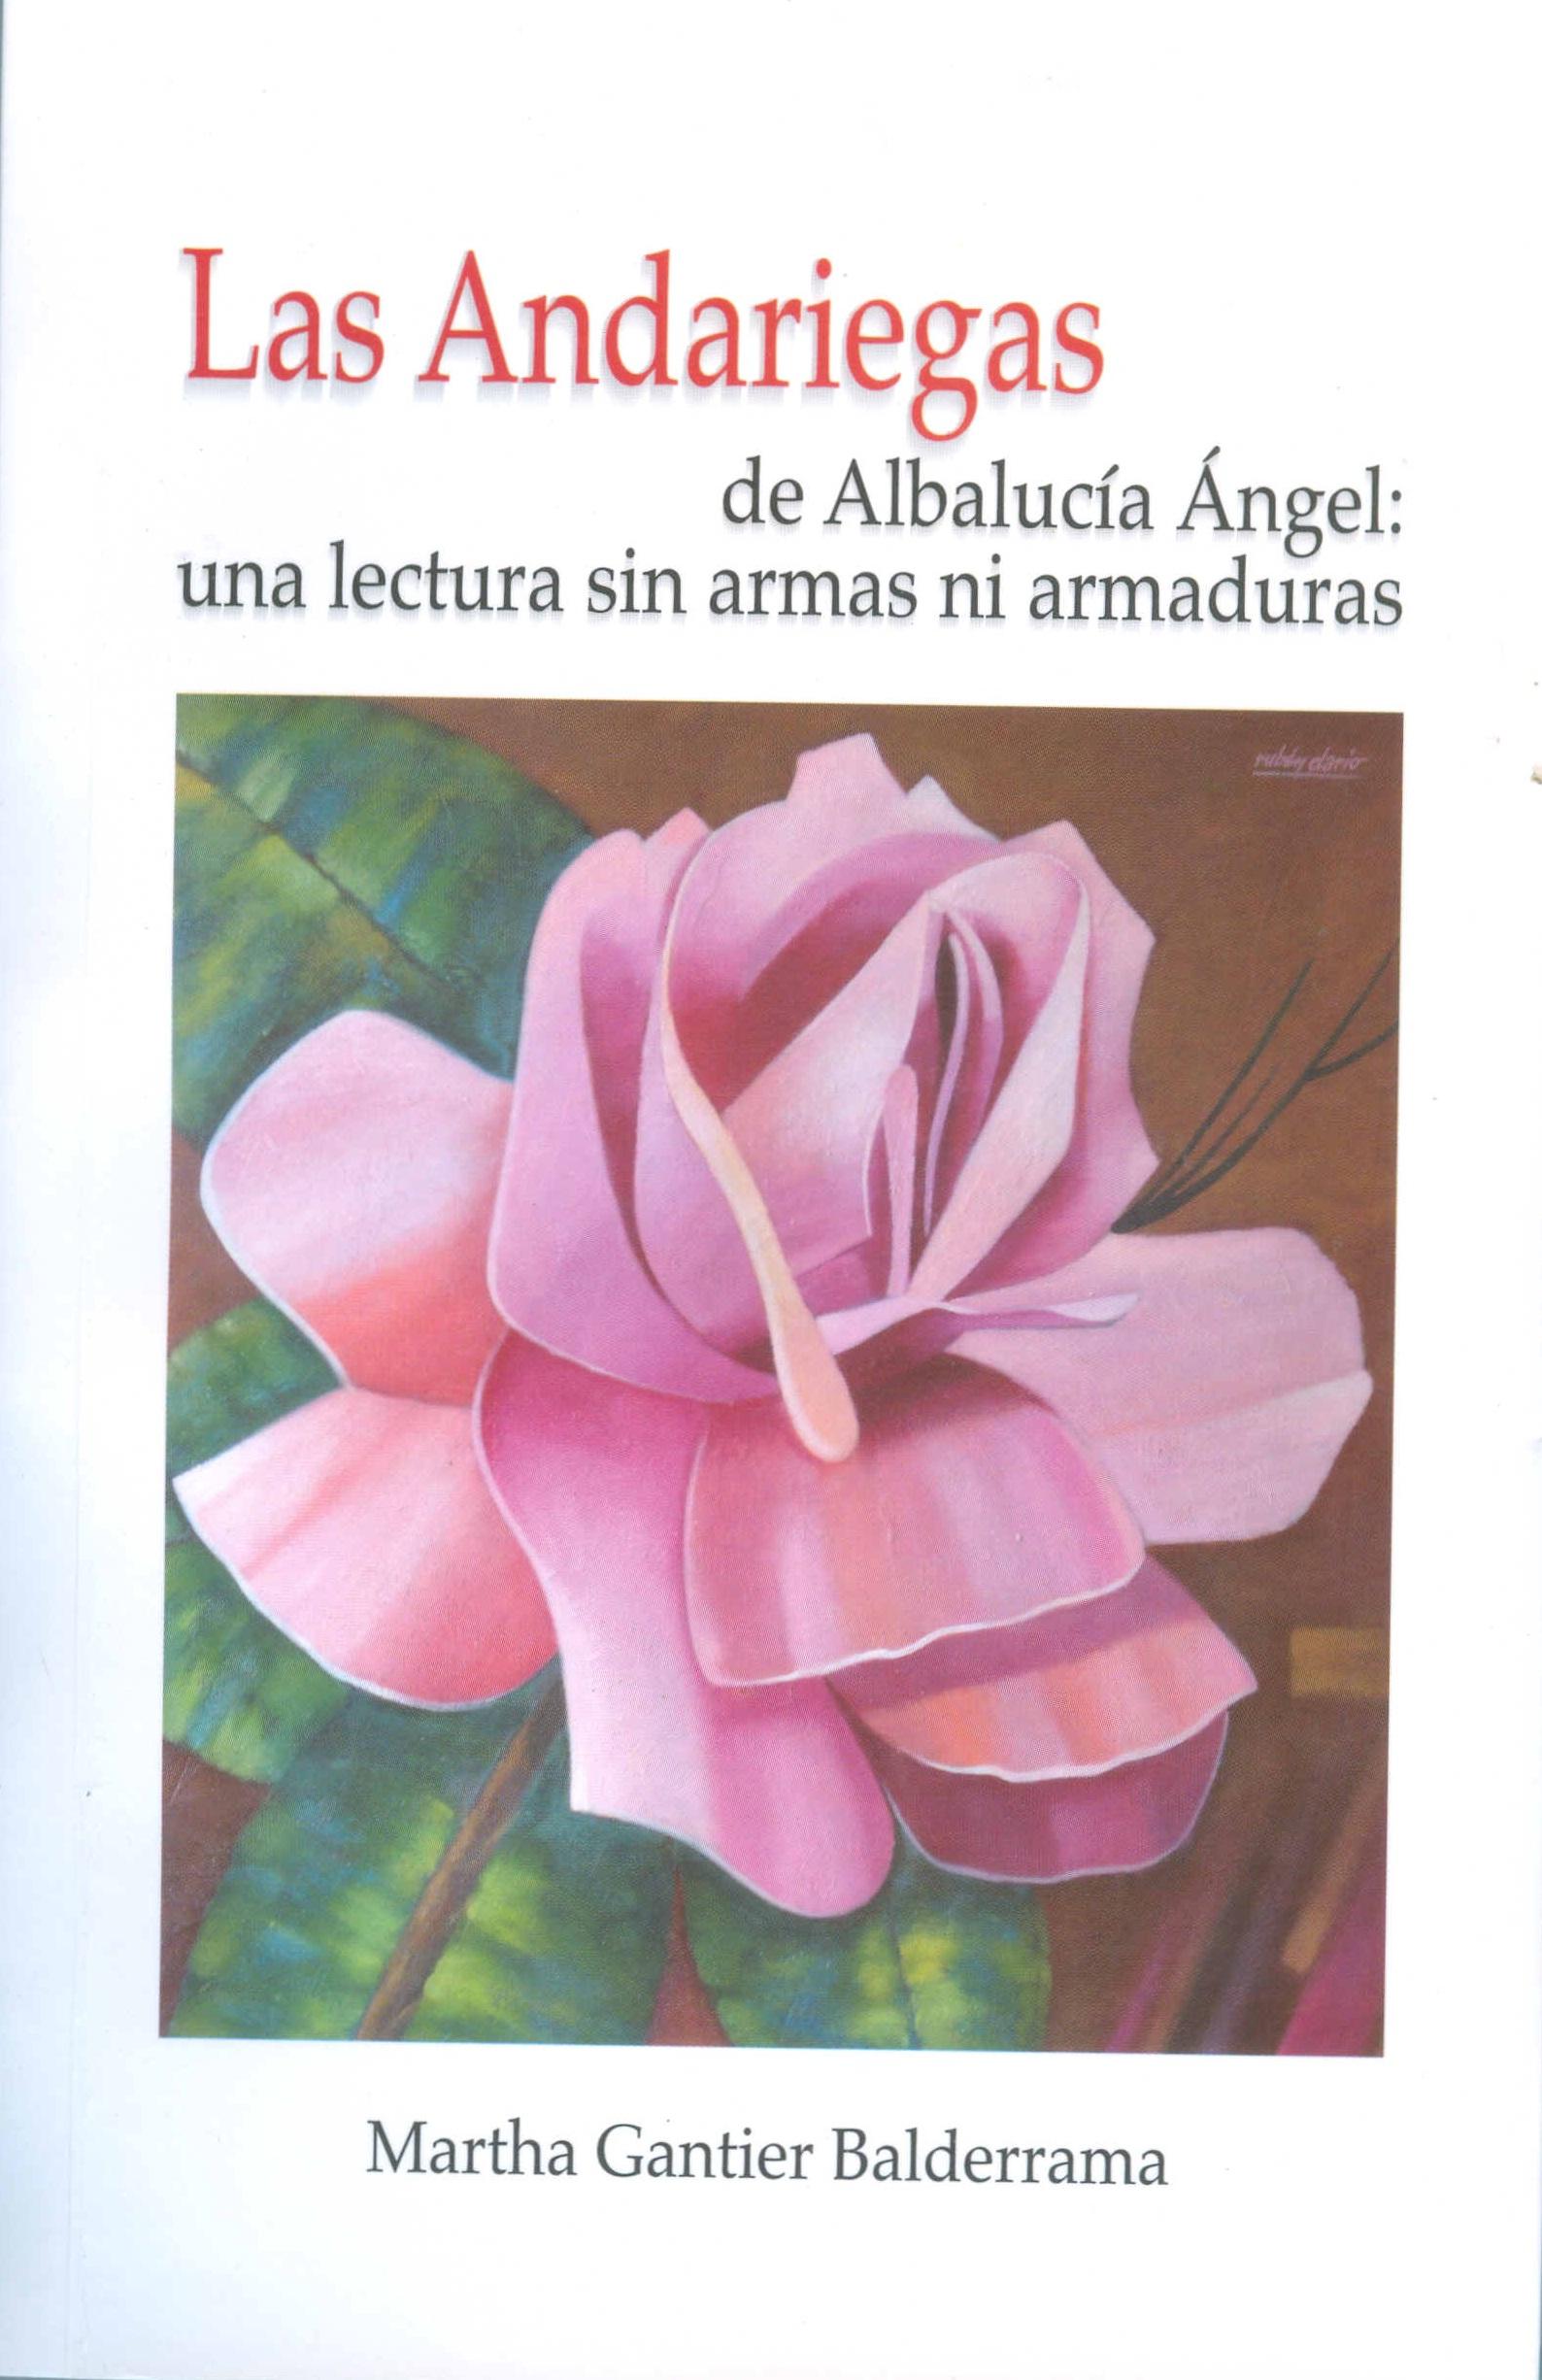 COLECCIÓN LITERATURA, PENSAMIENTO Y SOCIEDAD